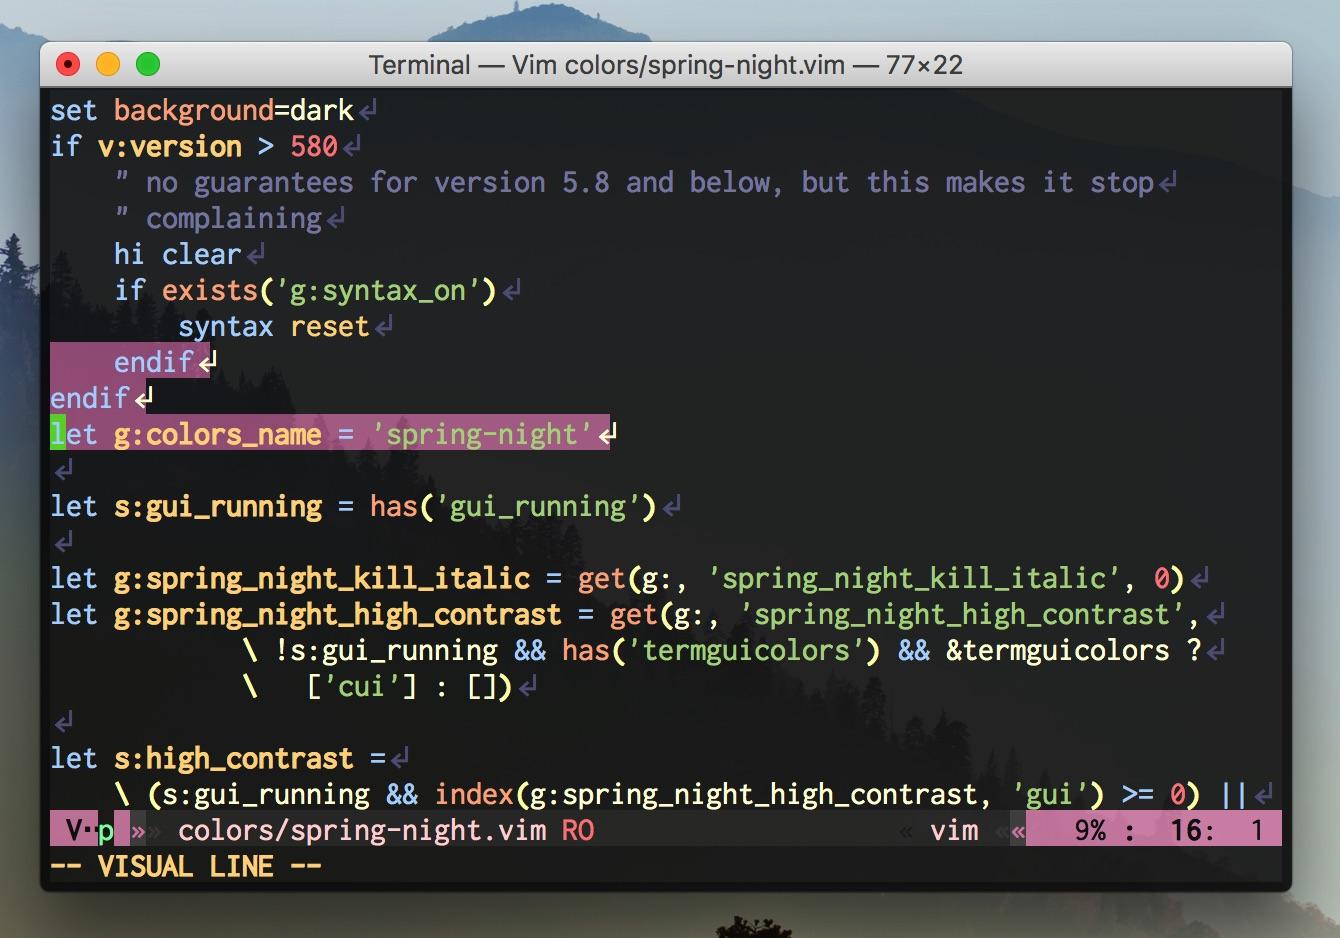 Vim script on Vim (8bit color)